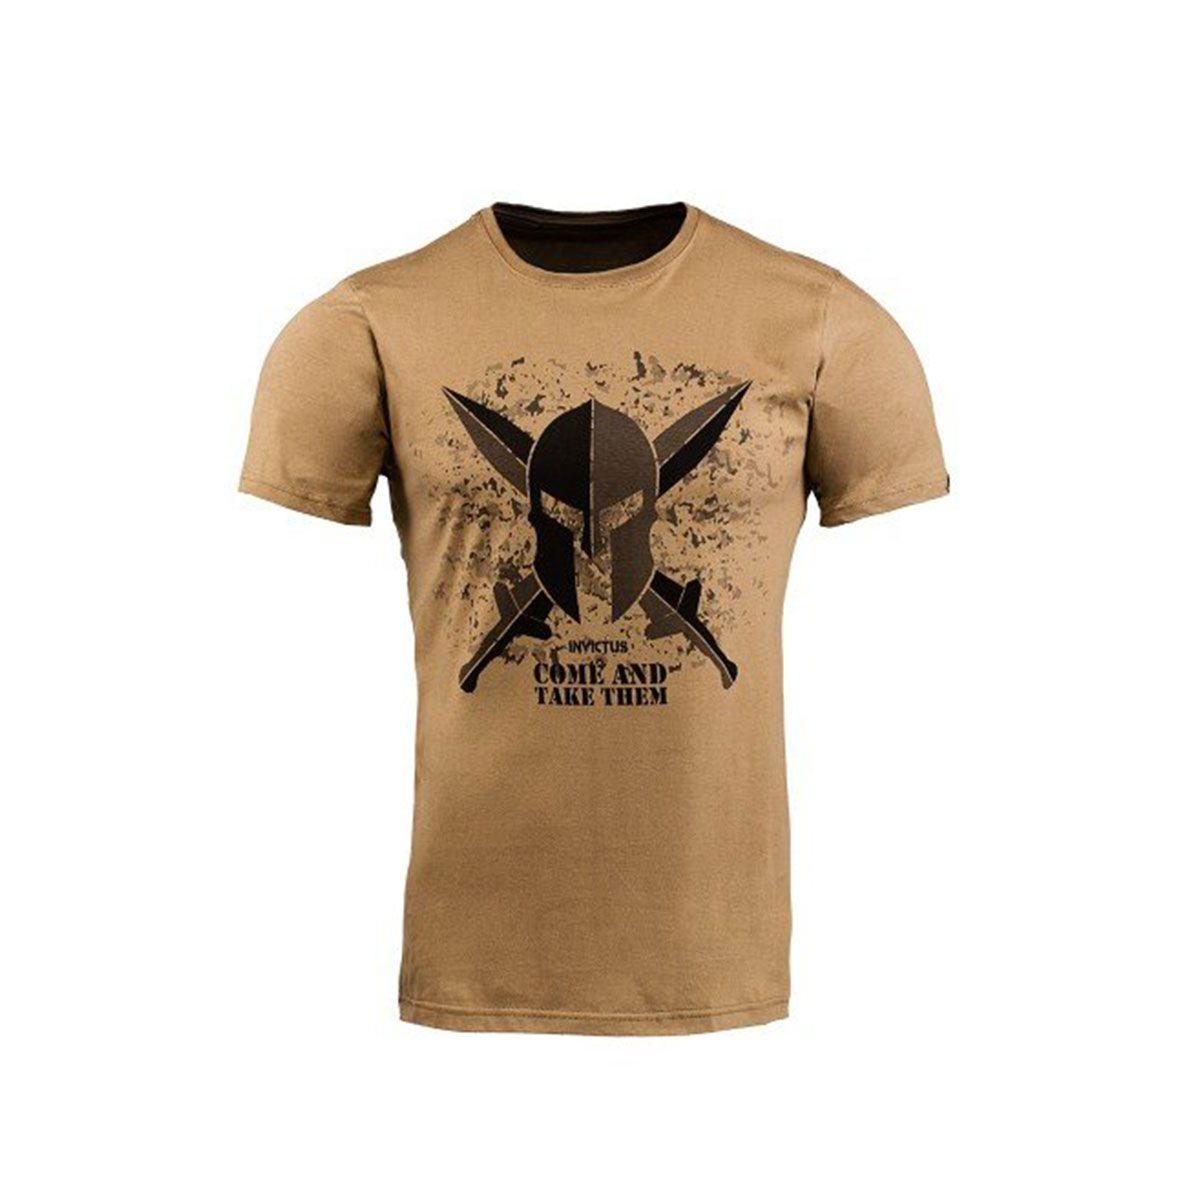 Camiseta T-Shirt Invictus Concept 300